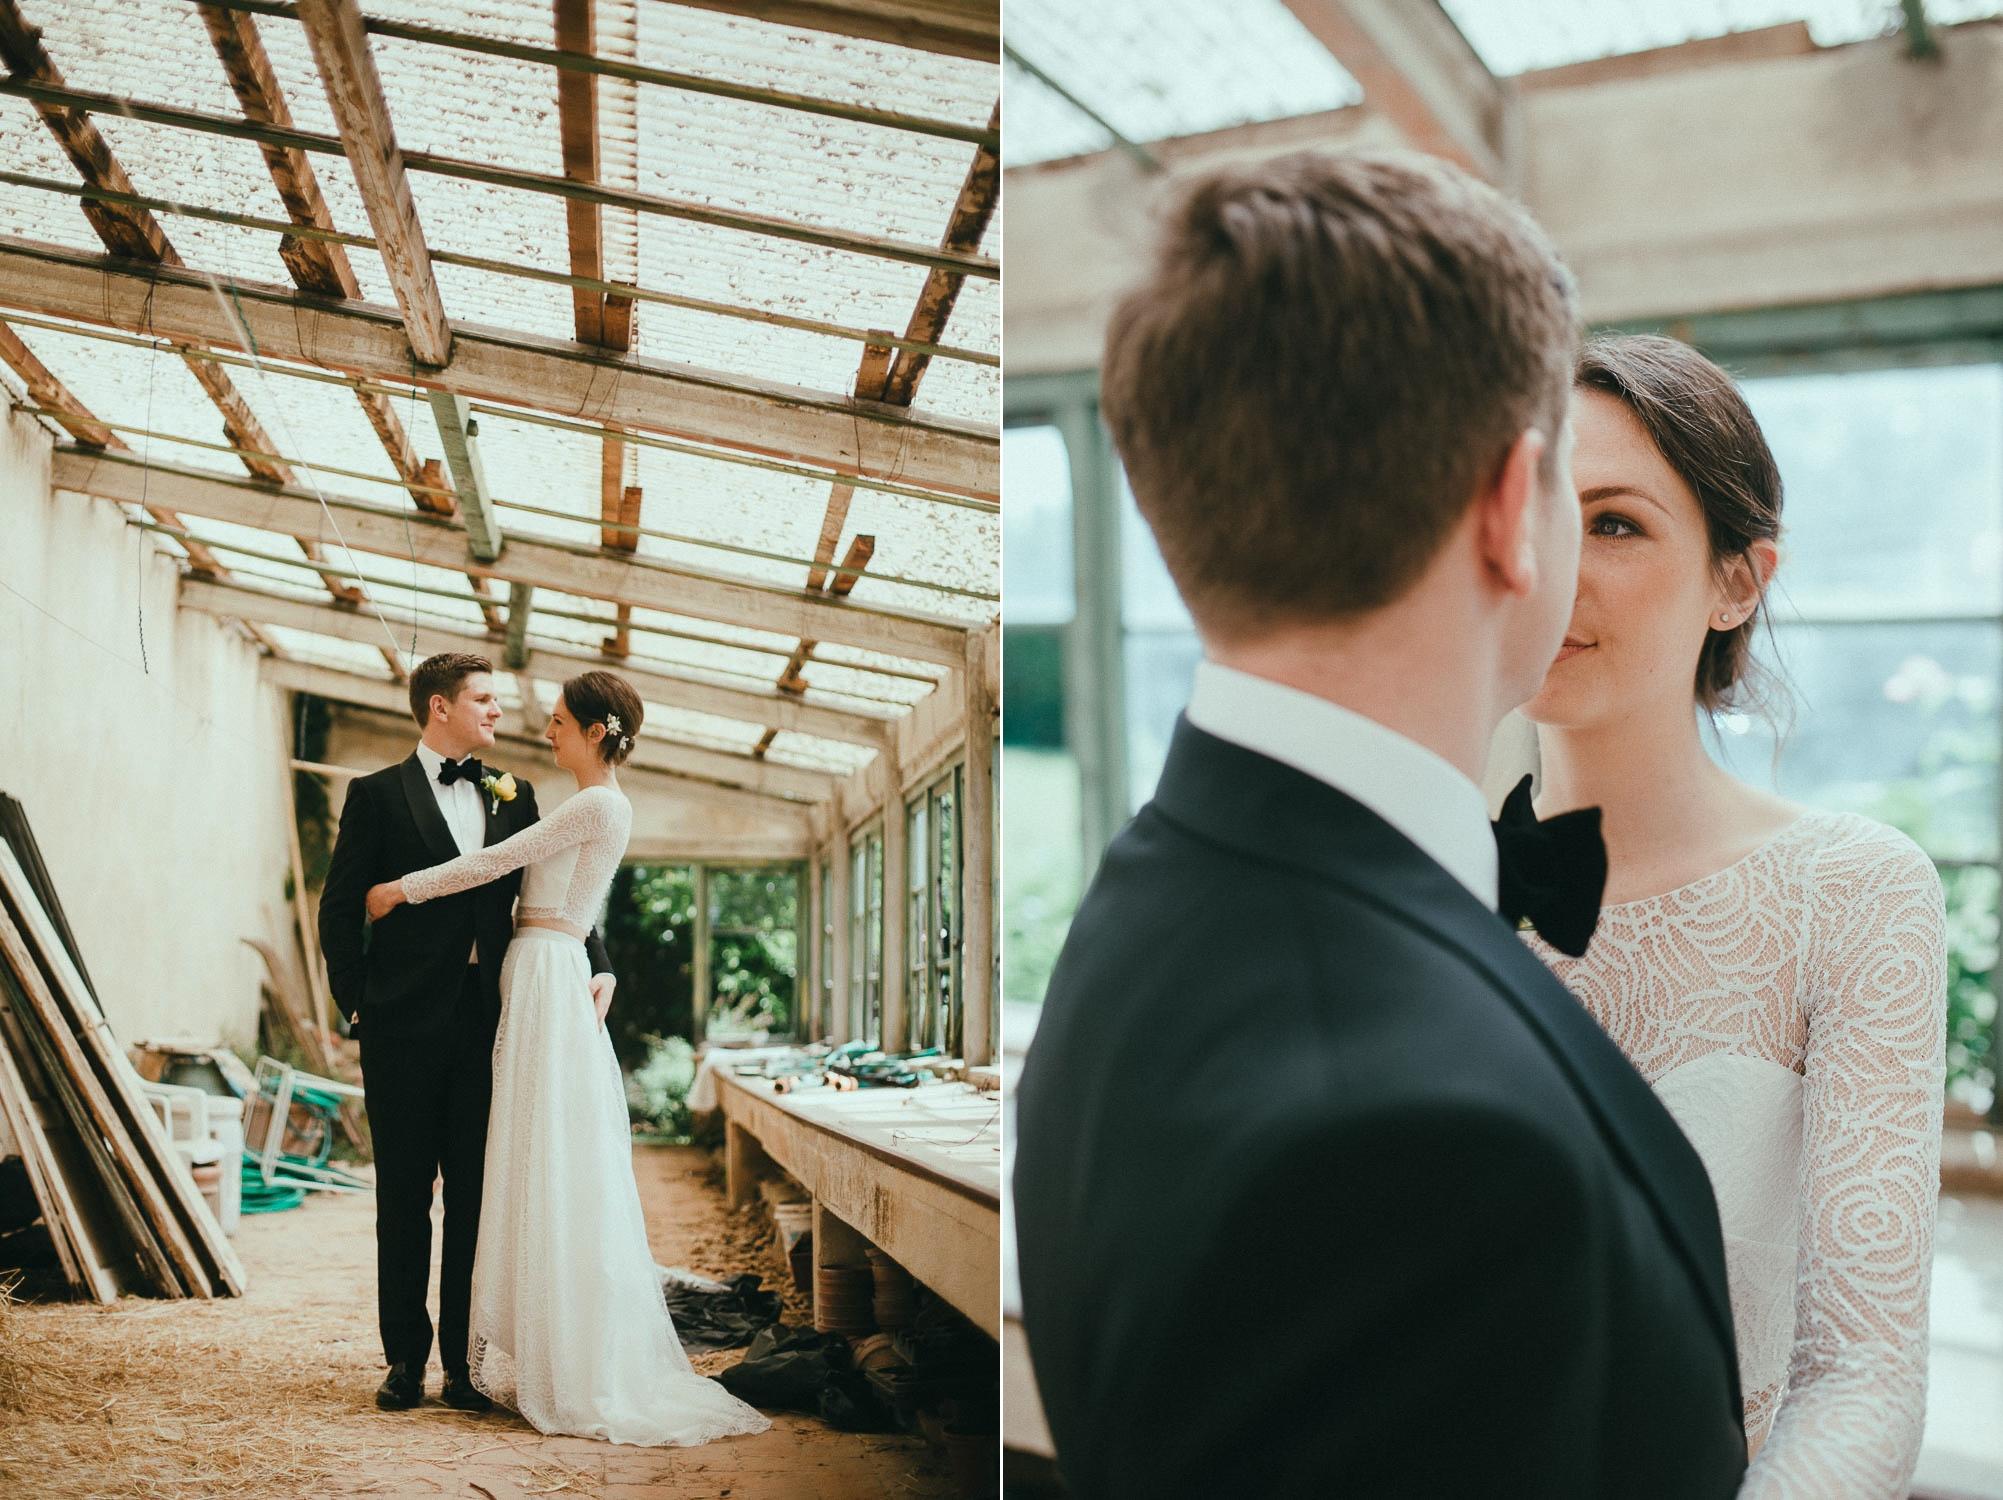 67-bride-groom.jpg